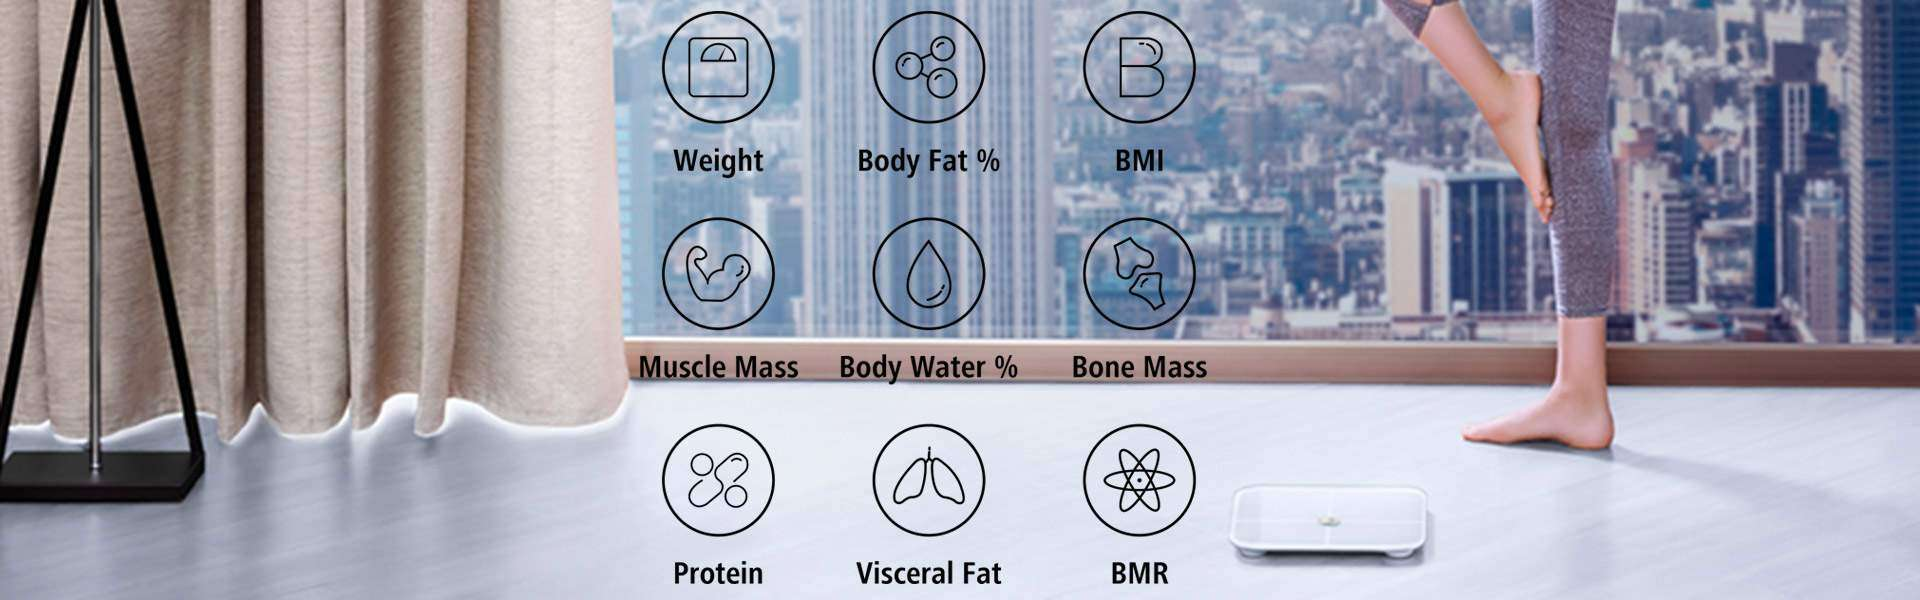 Împachetări corporale pentru pierderea in greutate cu mii